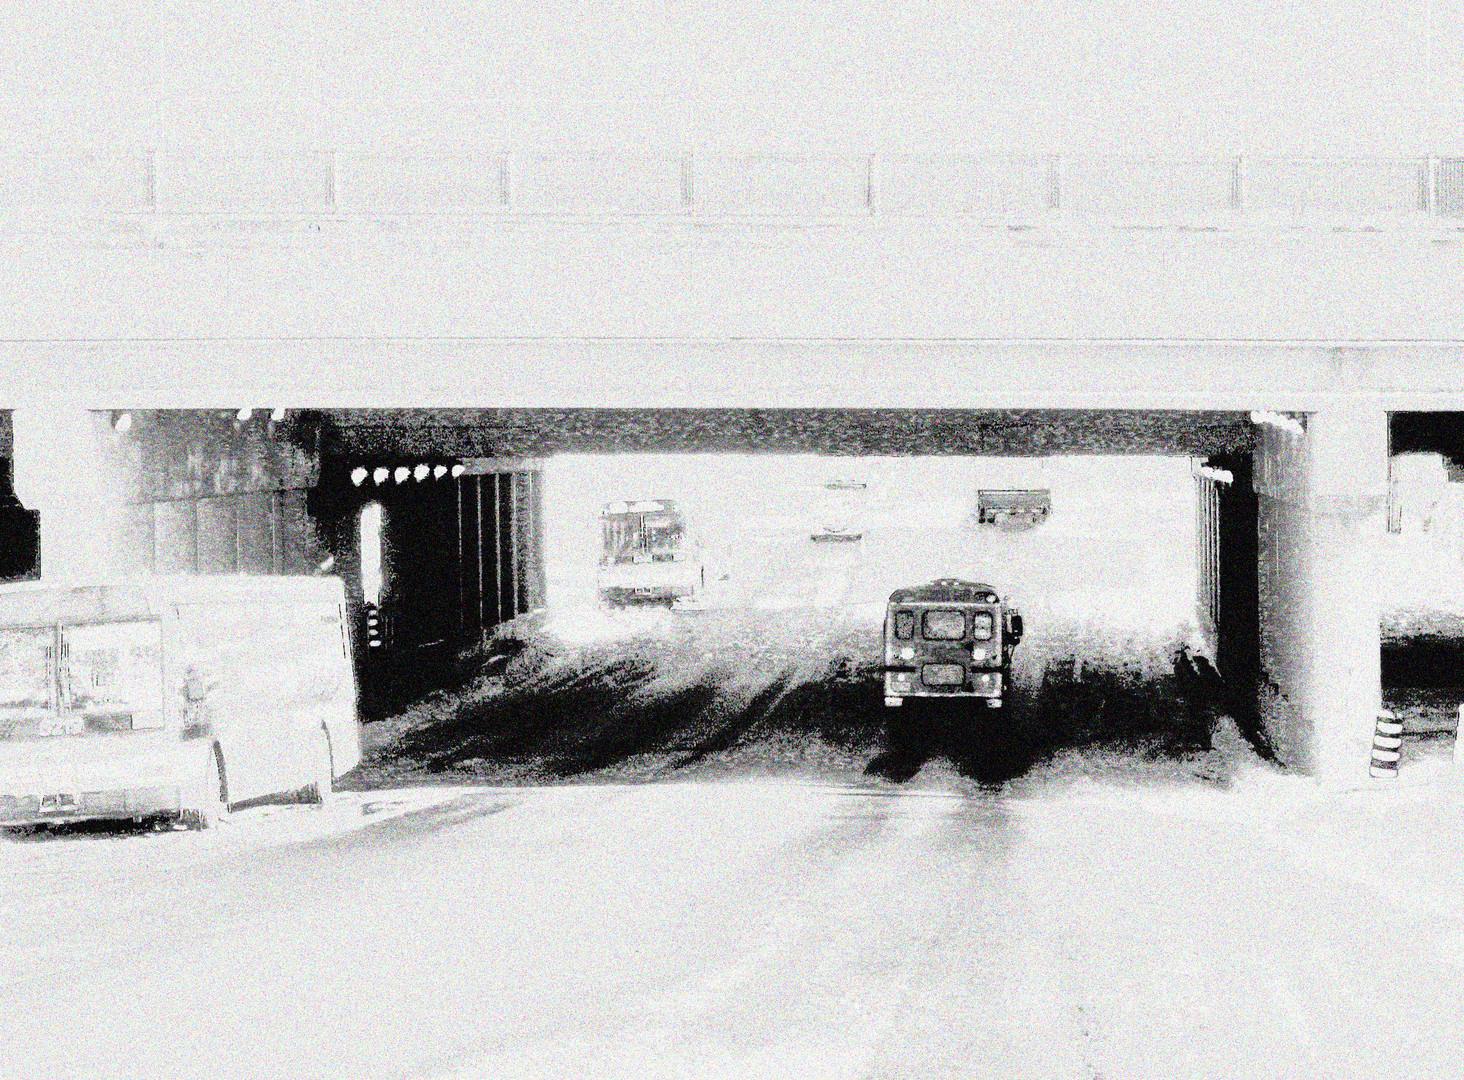 SNOWY, FOGGY TORONTO